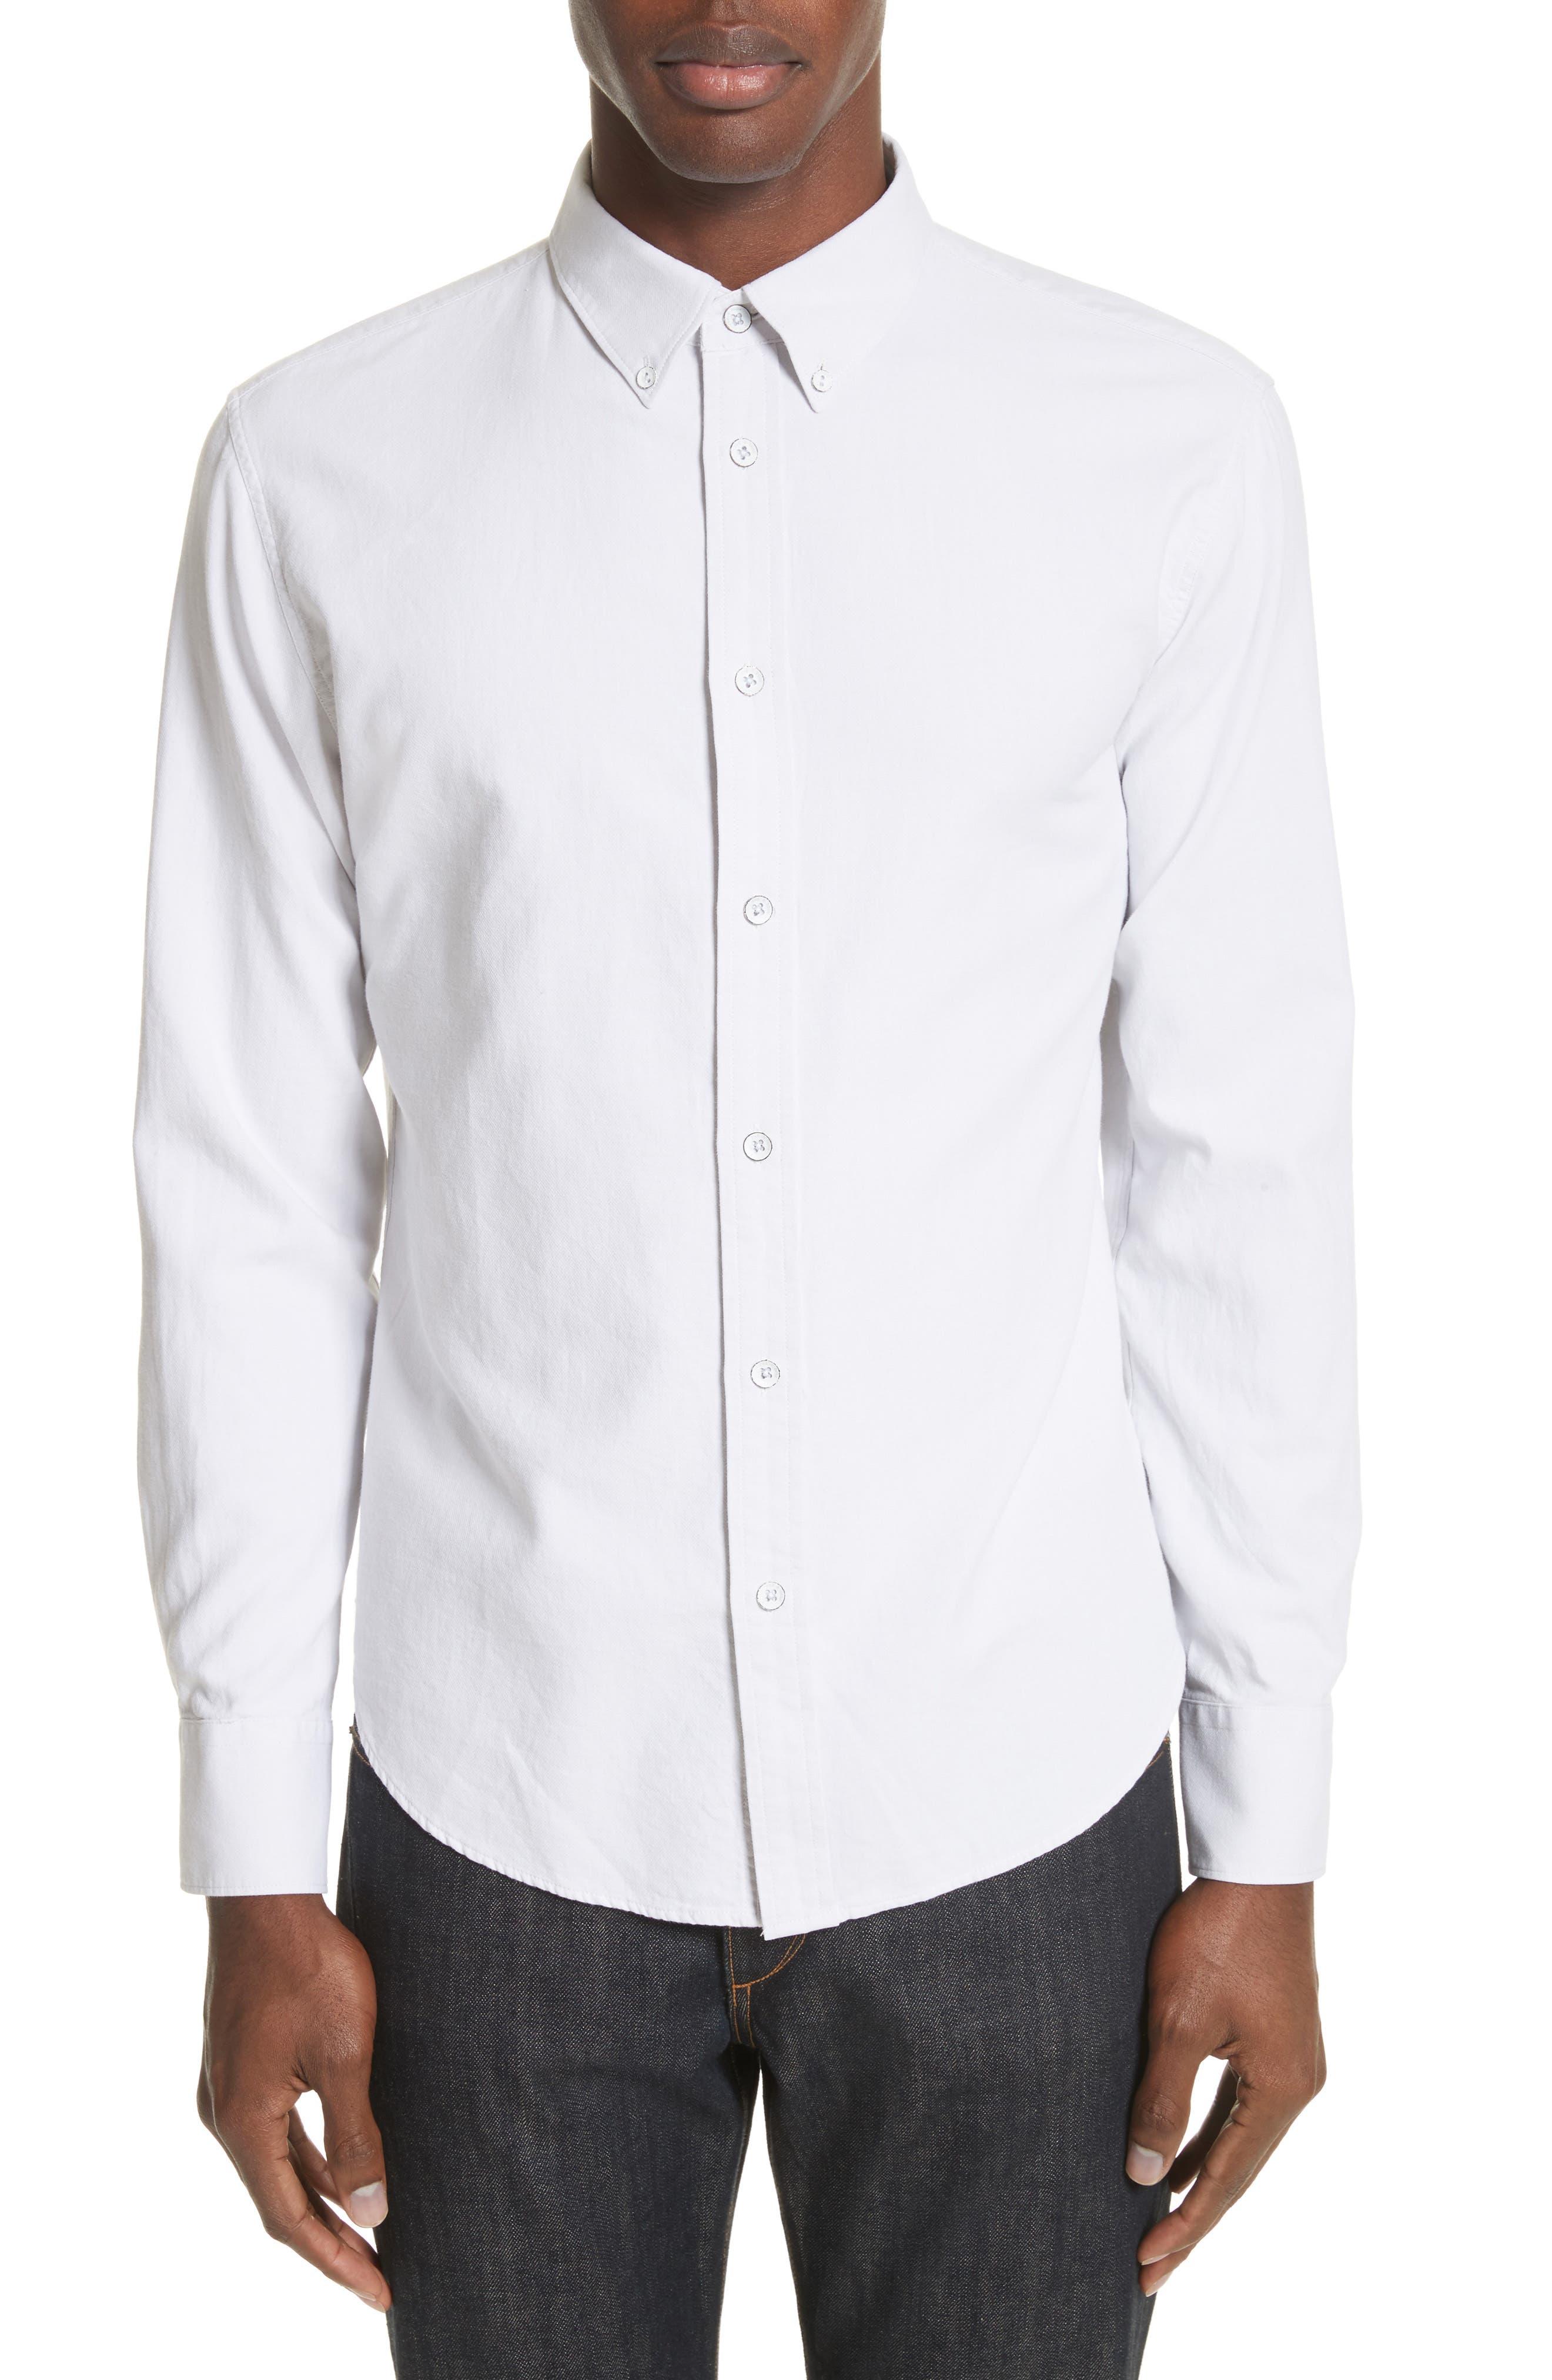 rag & bone Tomlin Fit 2 Shirt